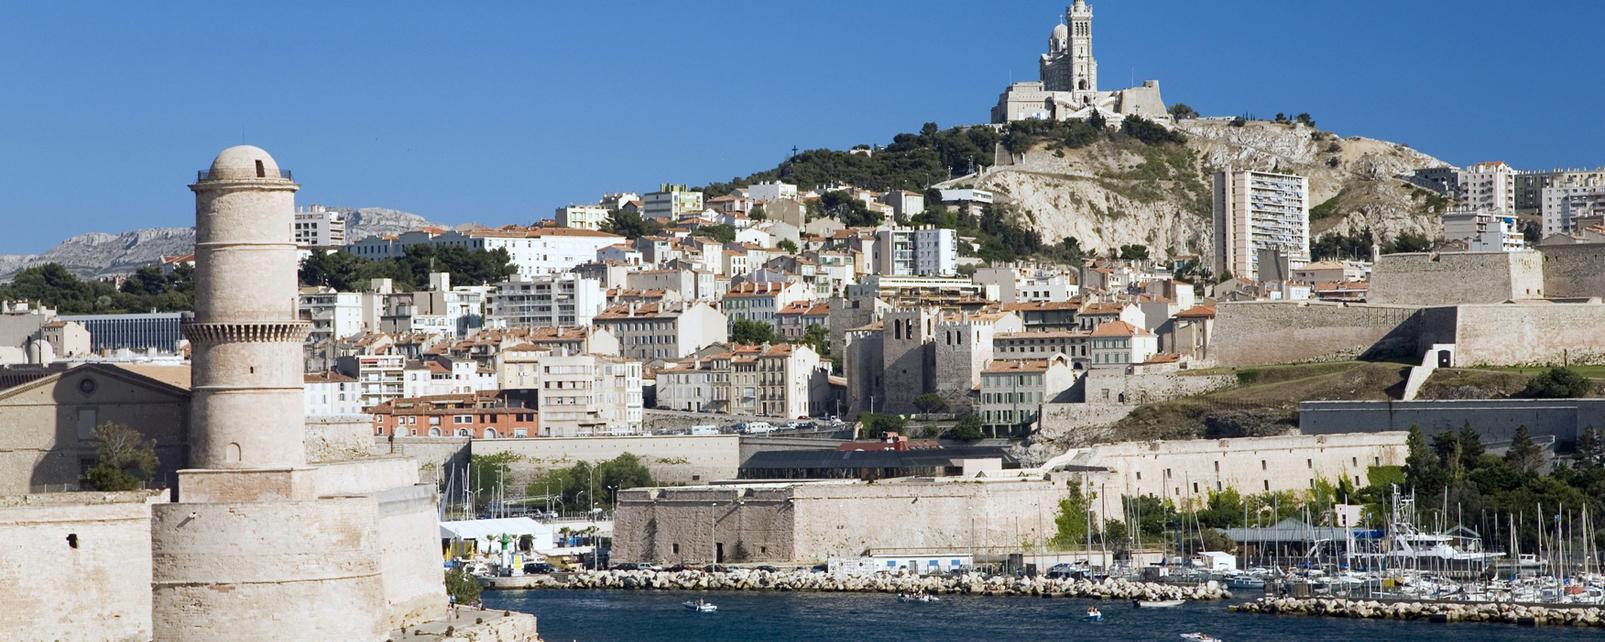 Europe; France; Provence Alpes Côte d'Azur; Marseille;